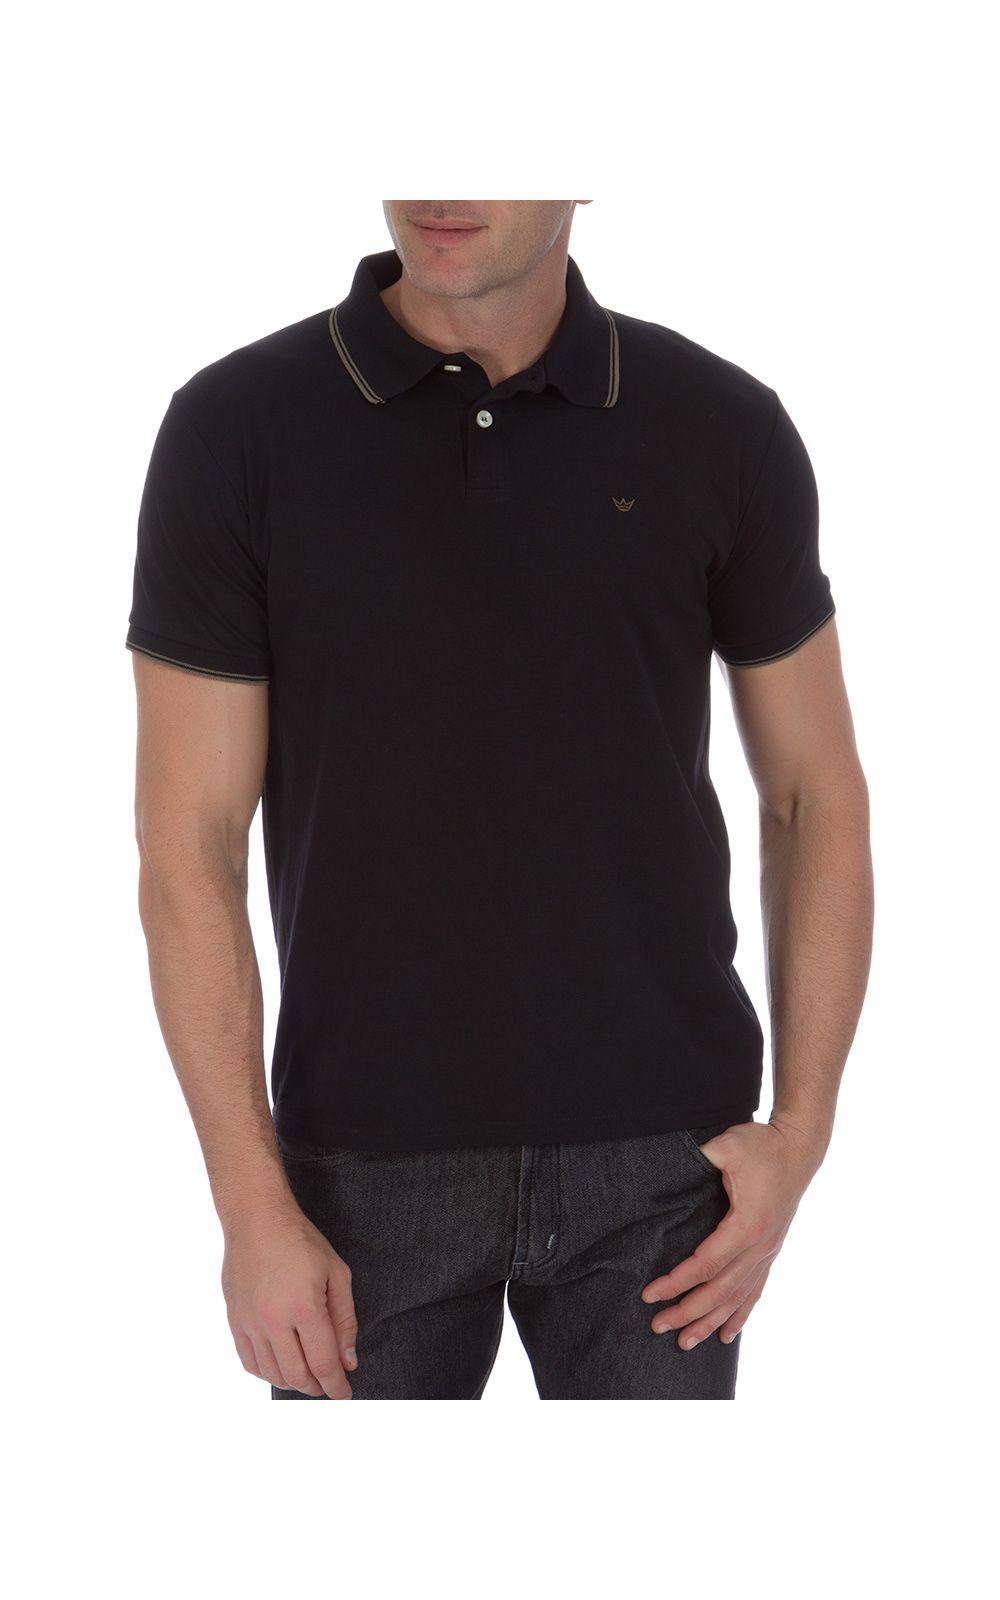 Camisa Polo Masculina Preta Detalhada. undefined 85e0249f85d4d